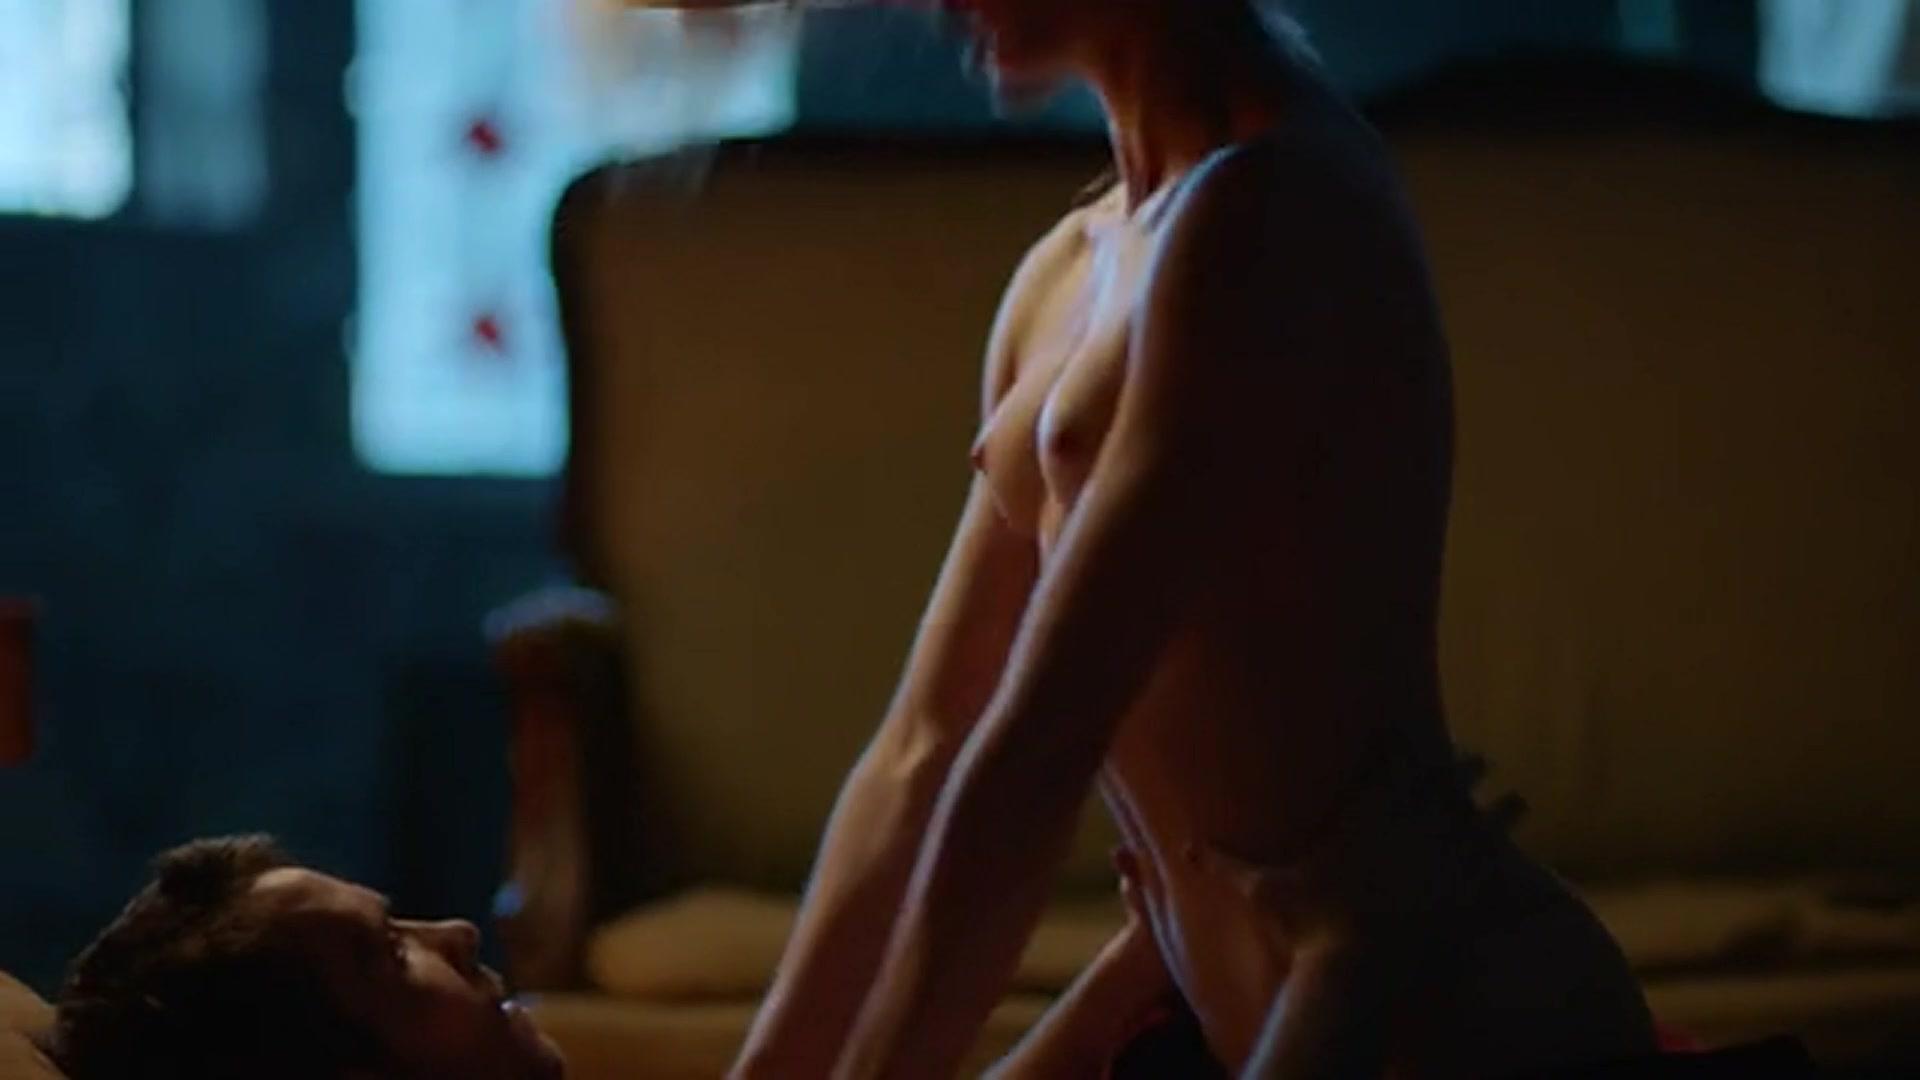 Clair Catherine nude - Castle Freak (2020)